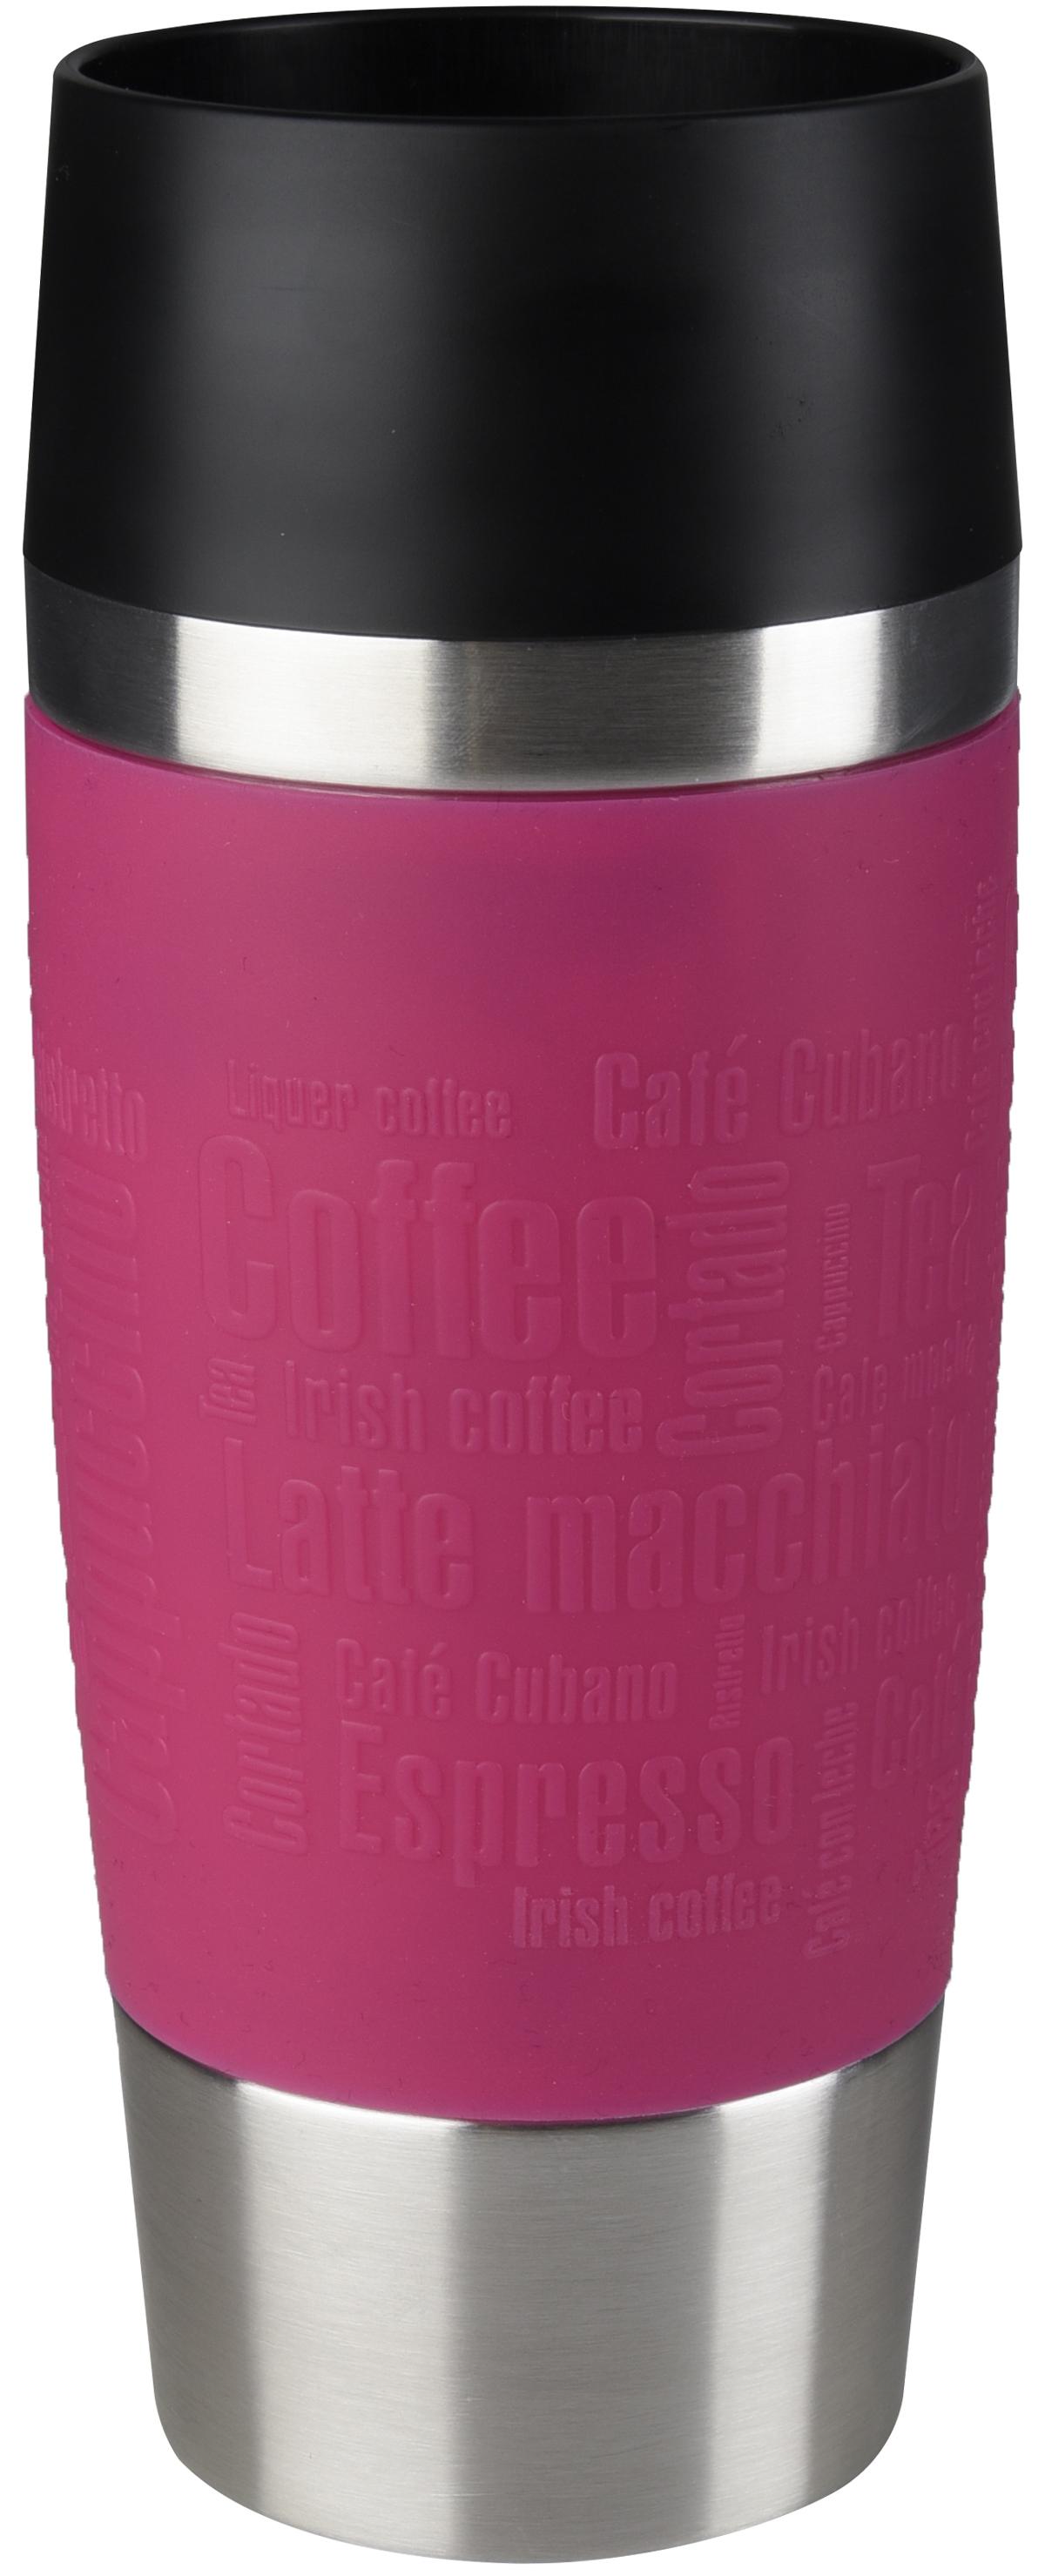 Термокружка Emsa Travel Mug, цвет: розовый, 360 мл513550Термокружка Emsa Travel Mug - это идеальный попутчик в дороге - не важно, по пути ли на работу, в школу или во время похода по магазинам. Вакуумная кружка на 100% герметична. Кружка имеет вакуумную колбу из нержавеющей стали с двойными стенками, благодаря чему температура жидкости сохраняется долгое время. Кружку удобно держать благодаря силиконовому покрытию Soft Touch с оригинальным рельефом в виде надписей. Изделие открывается нажатием кнопки. Пробка разбирается и превосходно моется. Дно кружки выполнено из противоскользящего материала. Можно мыть в посудомоечной машине. Диаметр кружки по верхнему краю: 8 см.Диаметр дна кружки: 6,5 см.Высота кружки: 20 см.Сохранение холодной температуры: 8 ч.Сохранение горячей температуры: 4 ч.